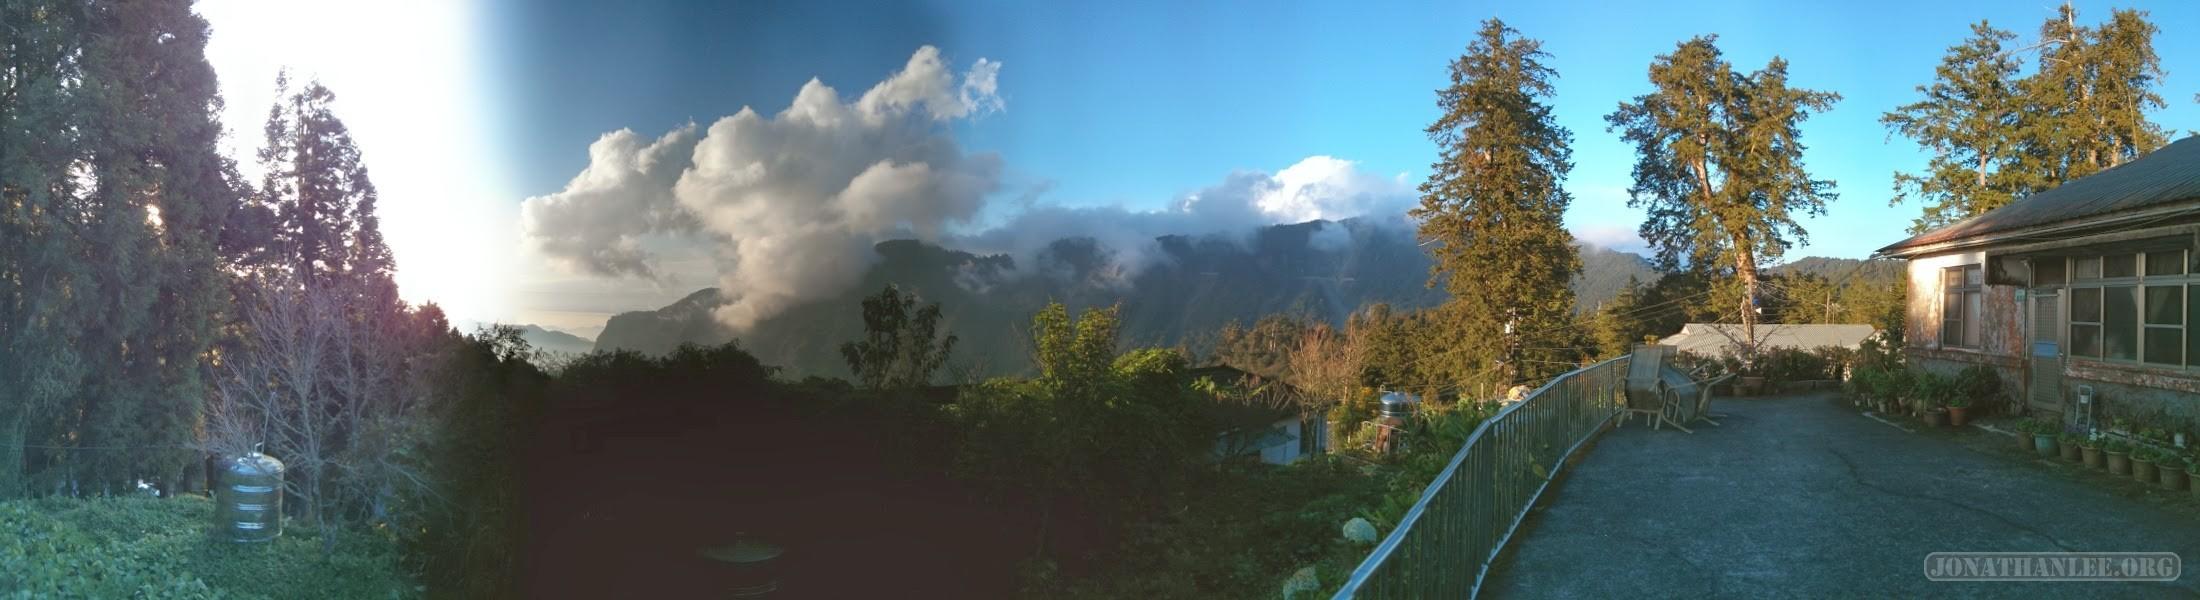 Alishan - panorama scenery 2